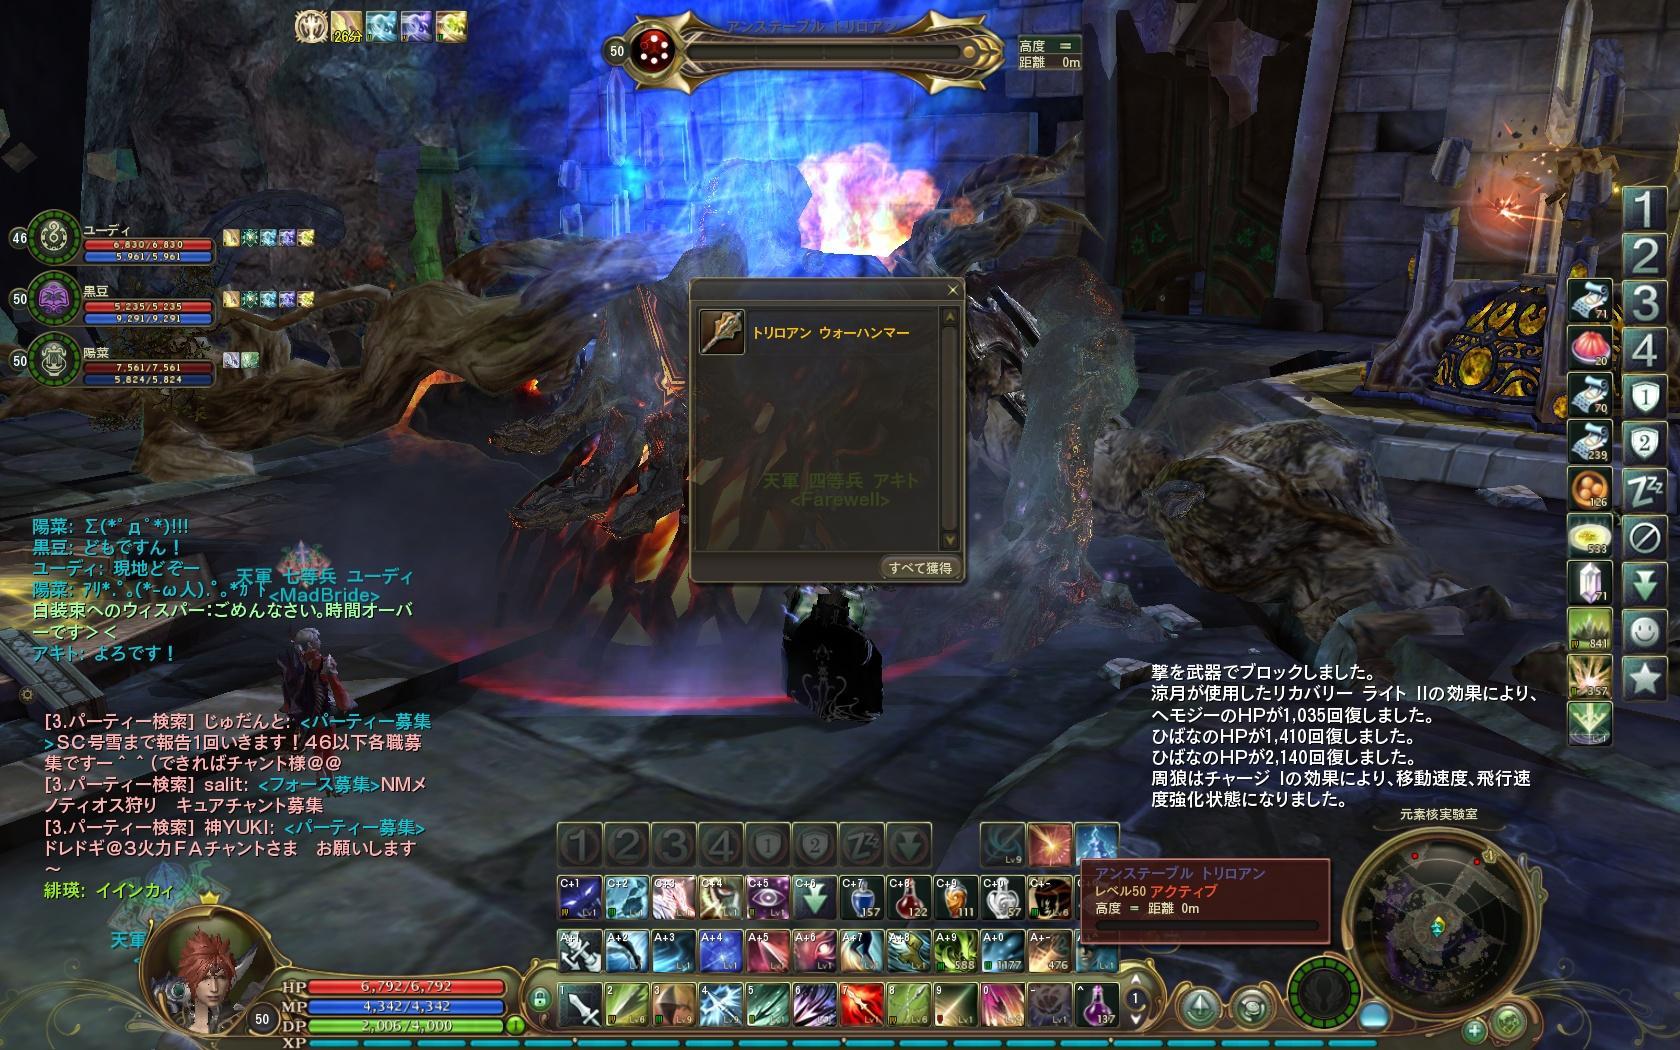 Aion0109_convert_20100825025121.jpg